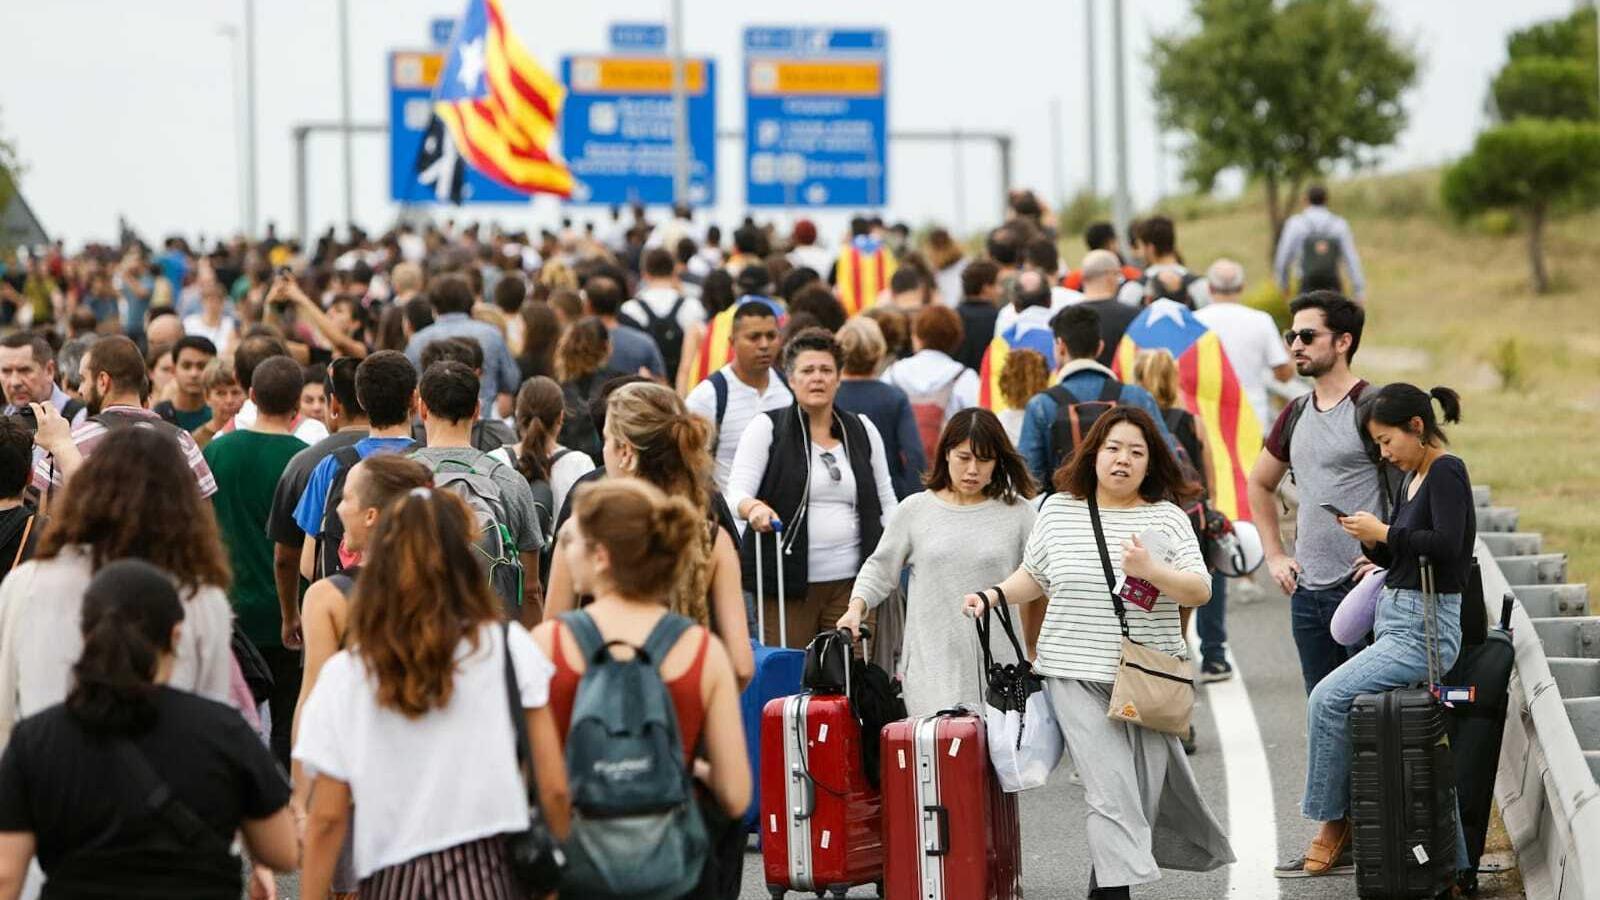 Turistes que intenten arribar o sortir de l'aeroport es barregen amb manifestants als voltants de la T1